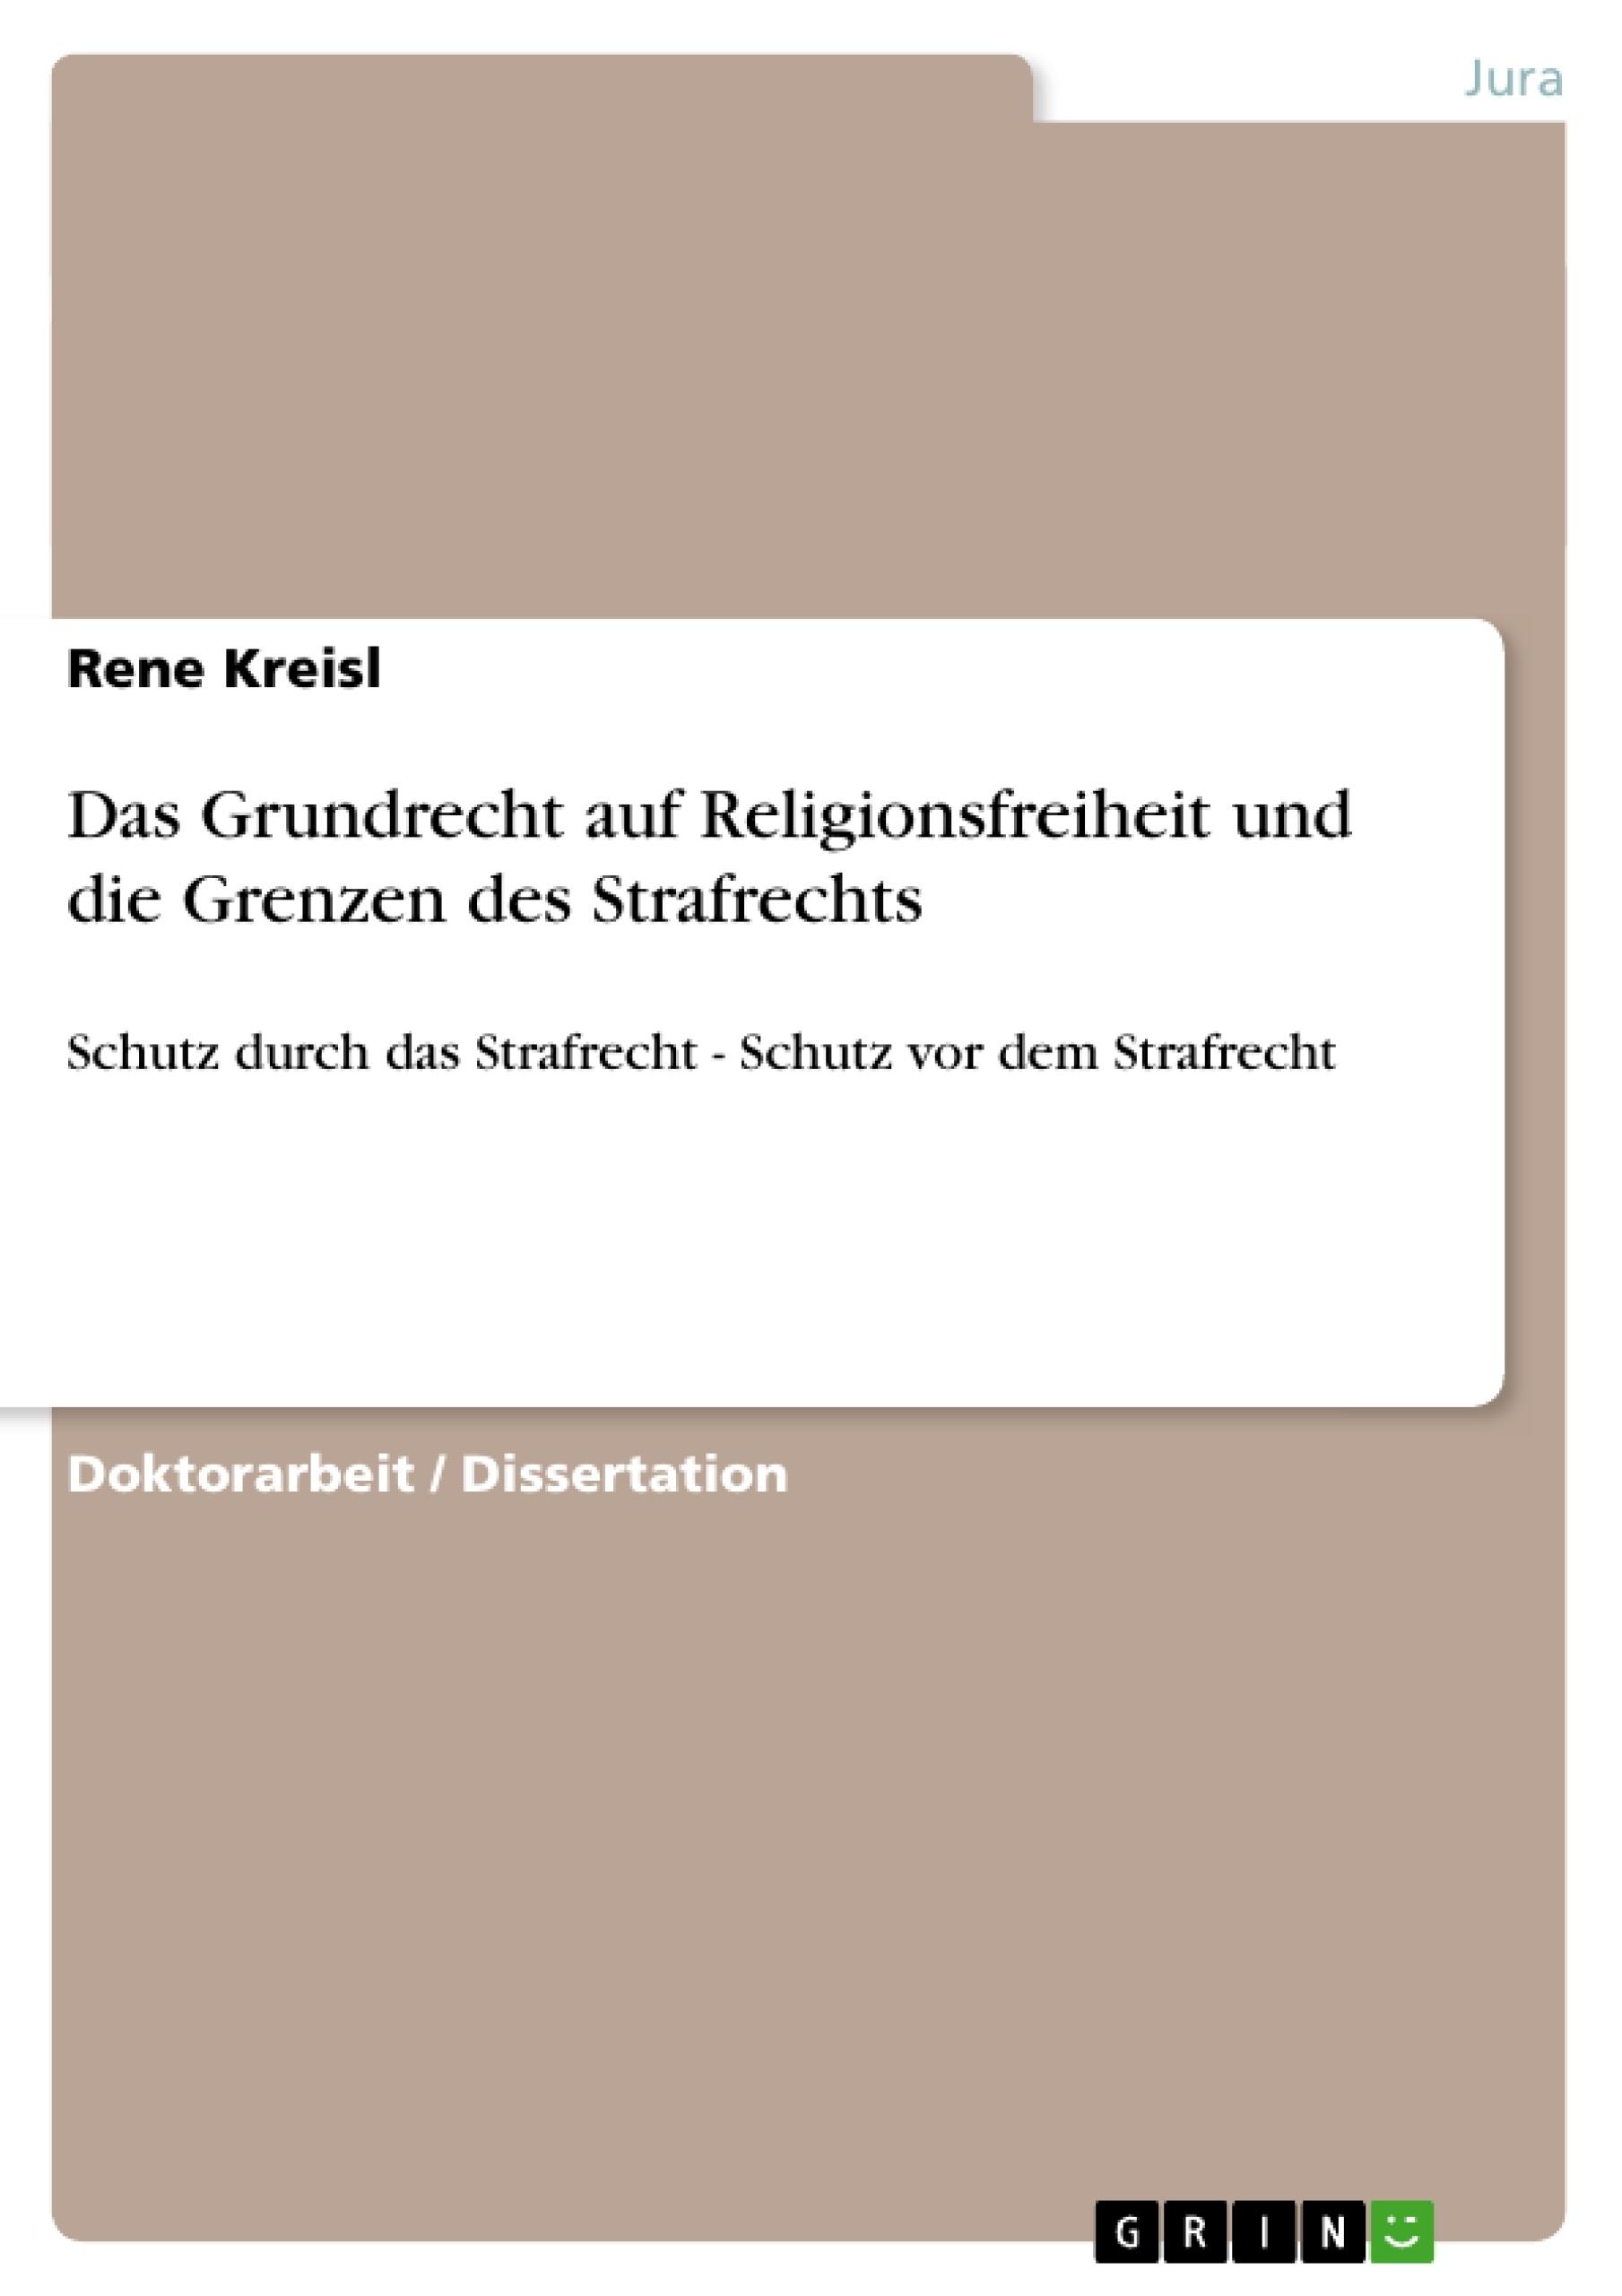 Titel: Das Grundrecht auf Religionsfreiheit und die Grenzen des Strafrechts